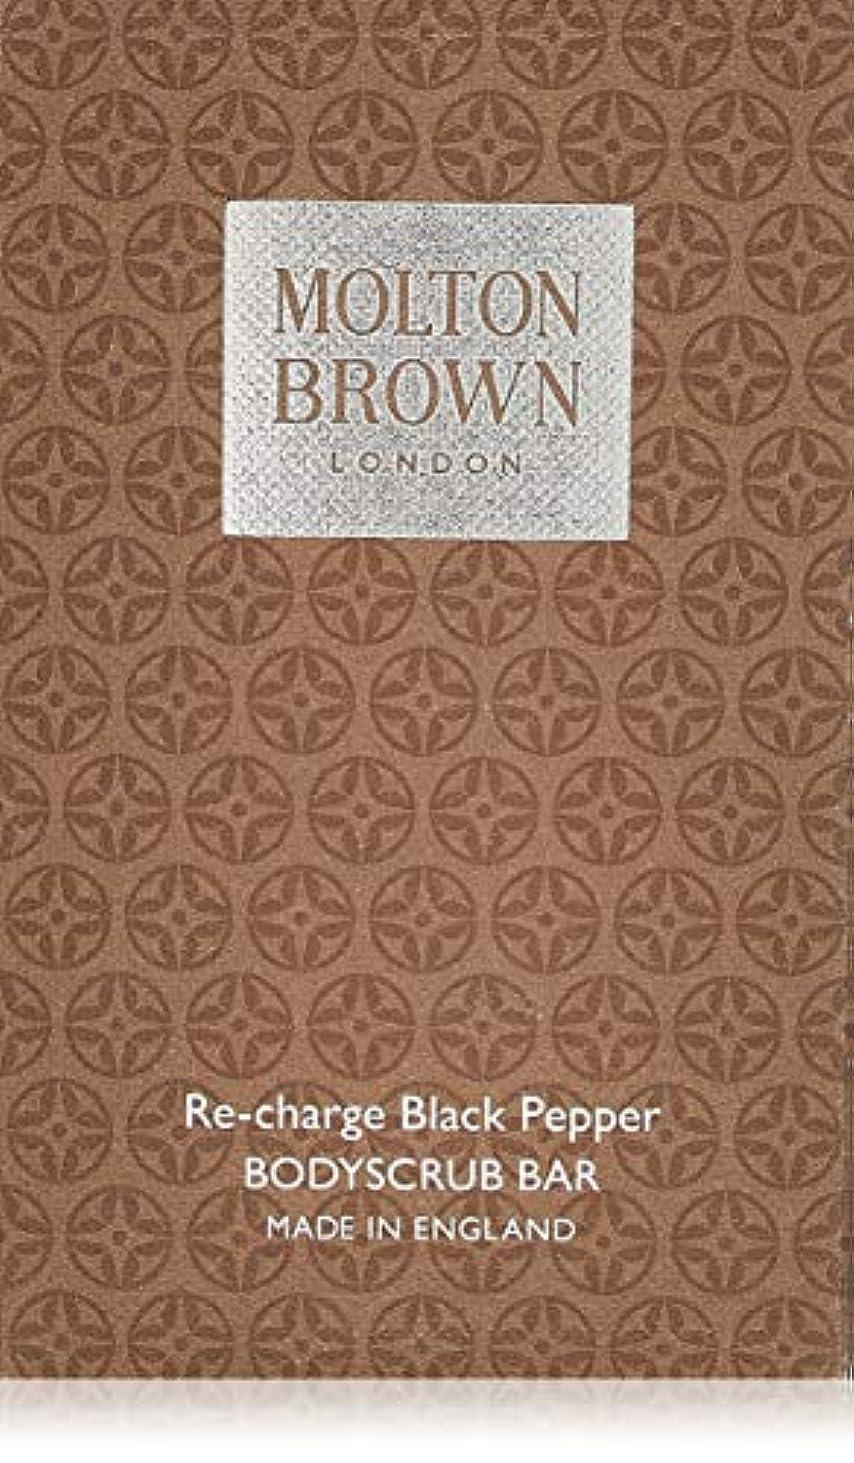 カート適応的欠員MOLTON BROWN(モルトンブラウン) ブラックペッパーボディスクラブバー